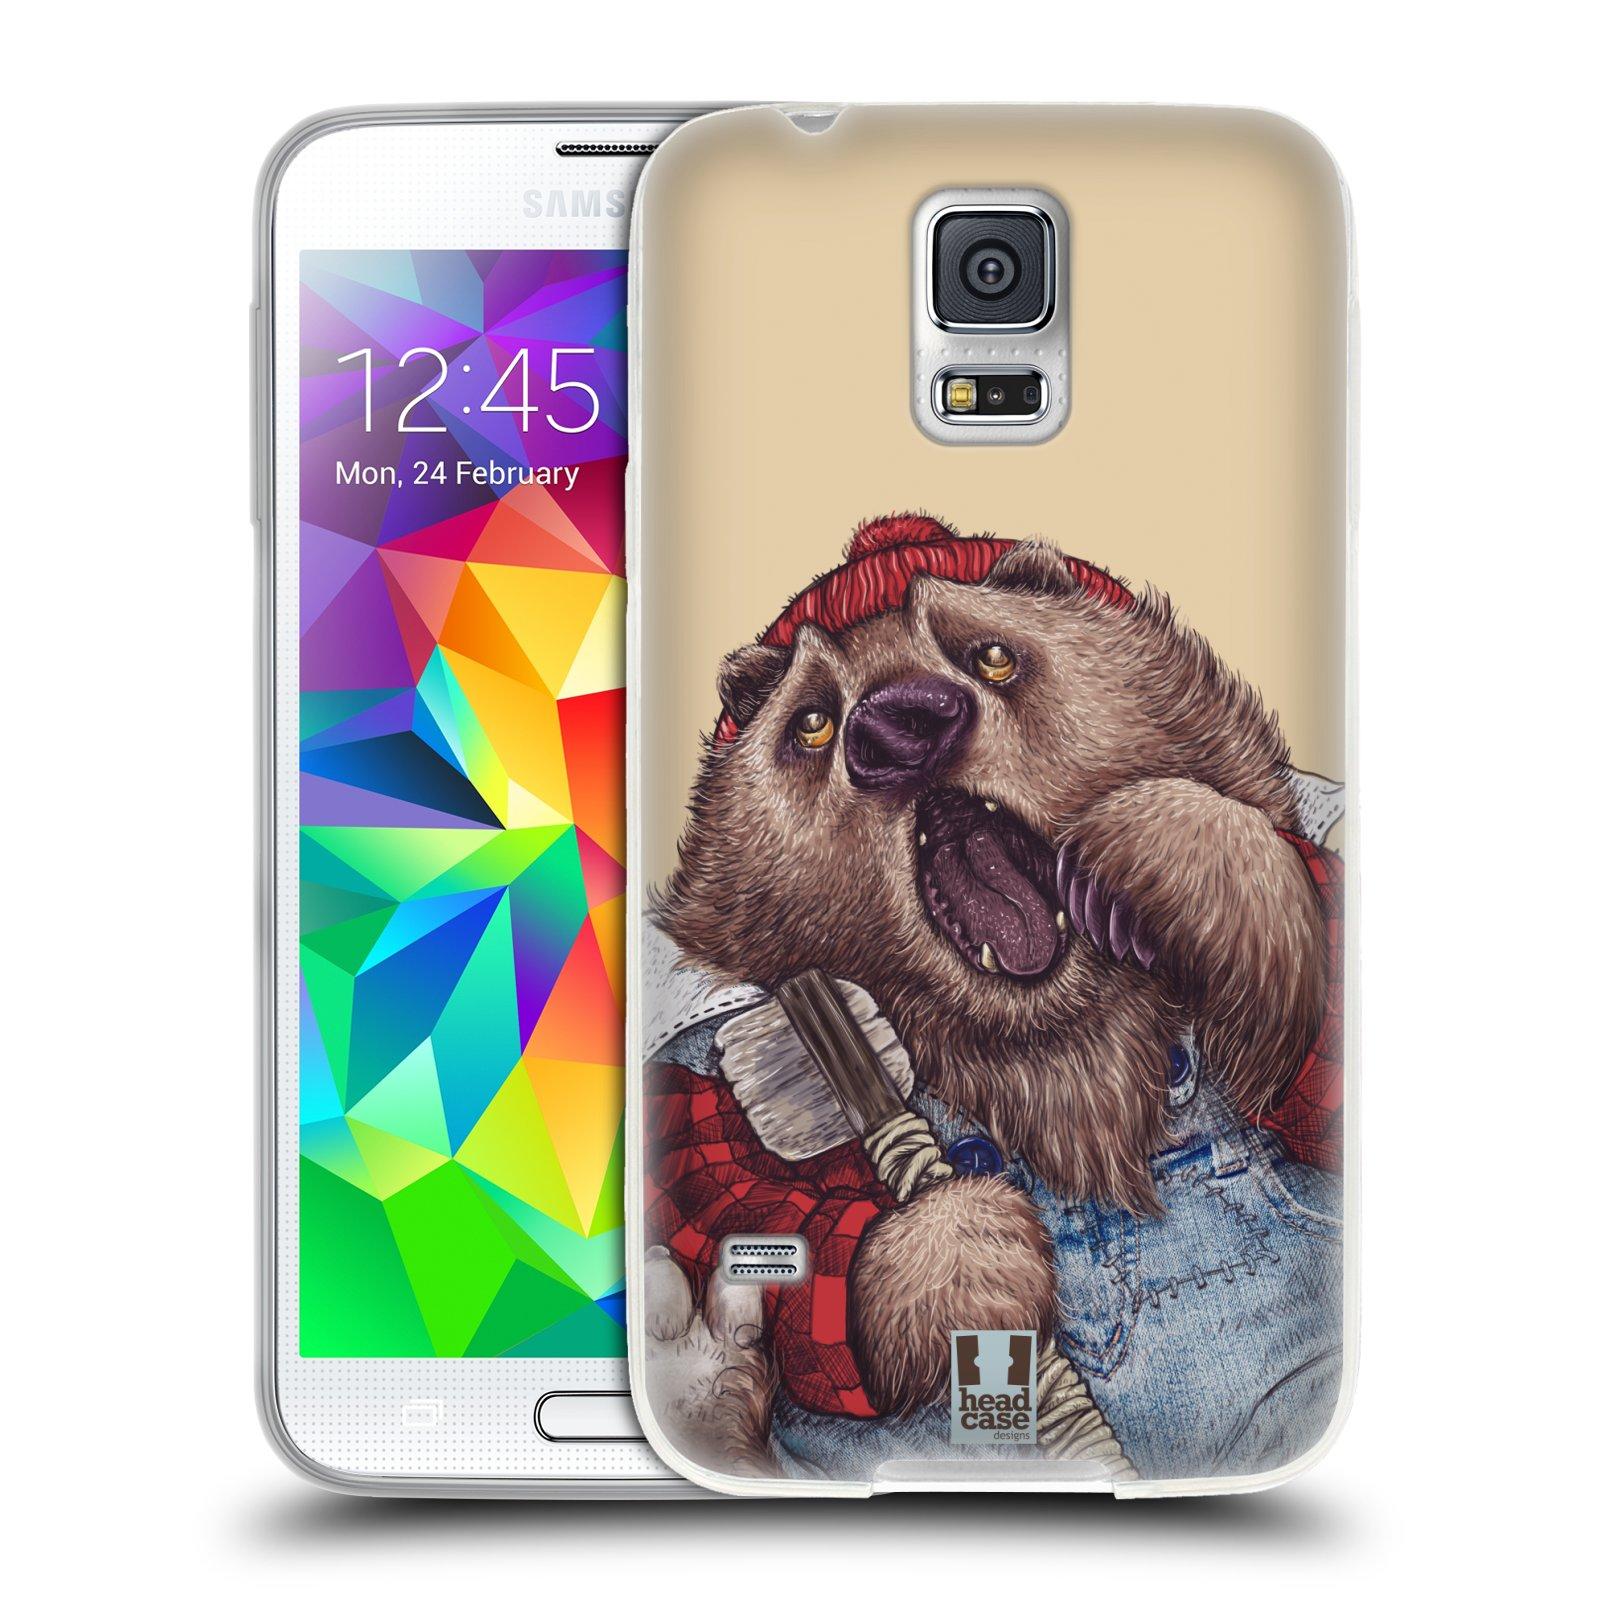 Silikonové pouzdro na mobil Samsung Galaxy S5 HEAD CASE ANIMPLA MEDVĚD